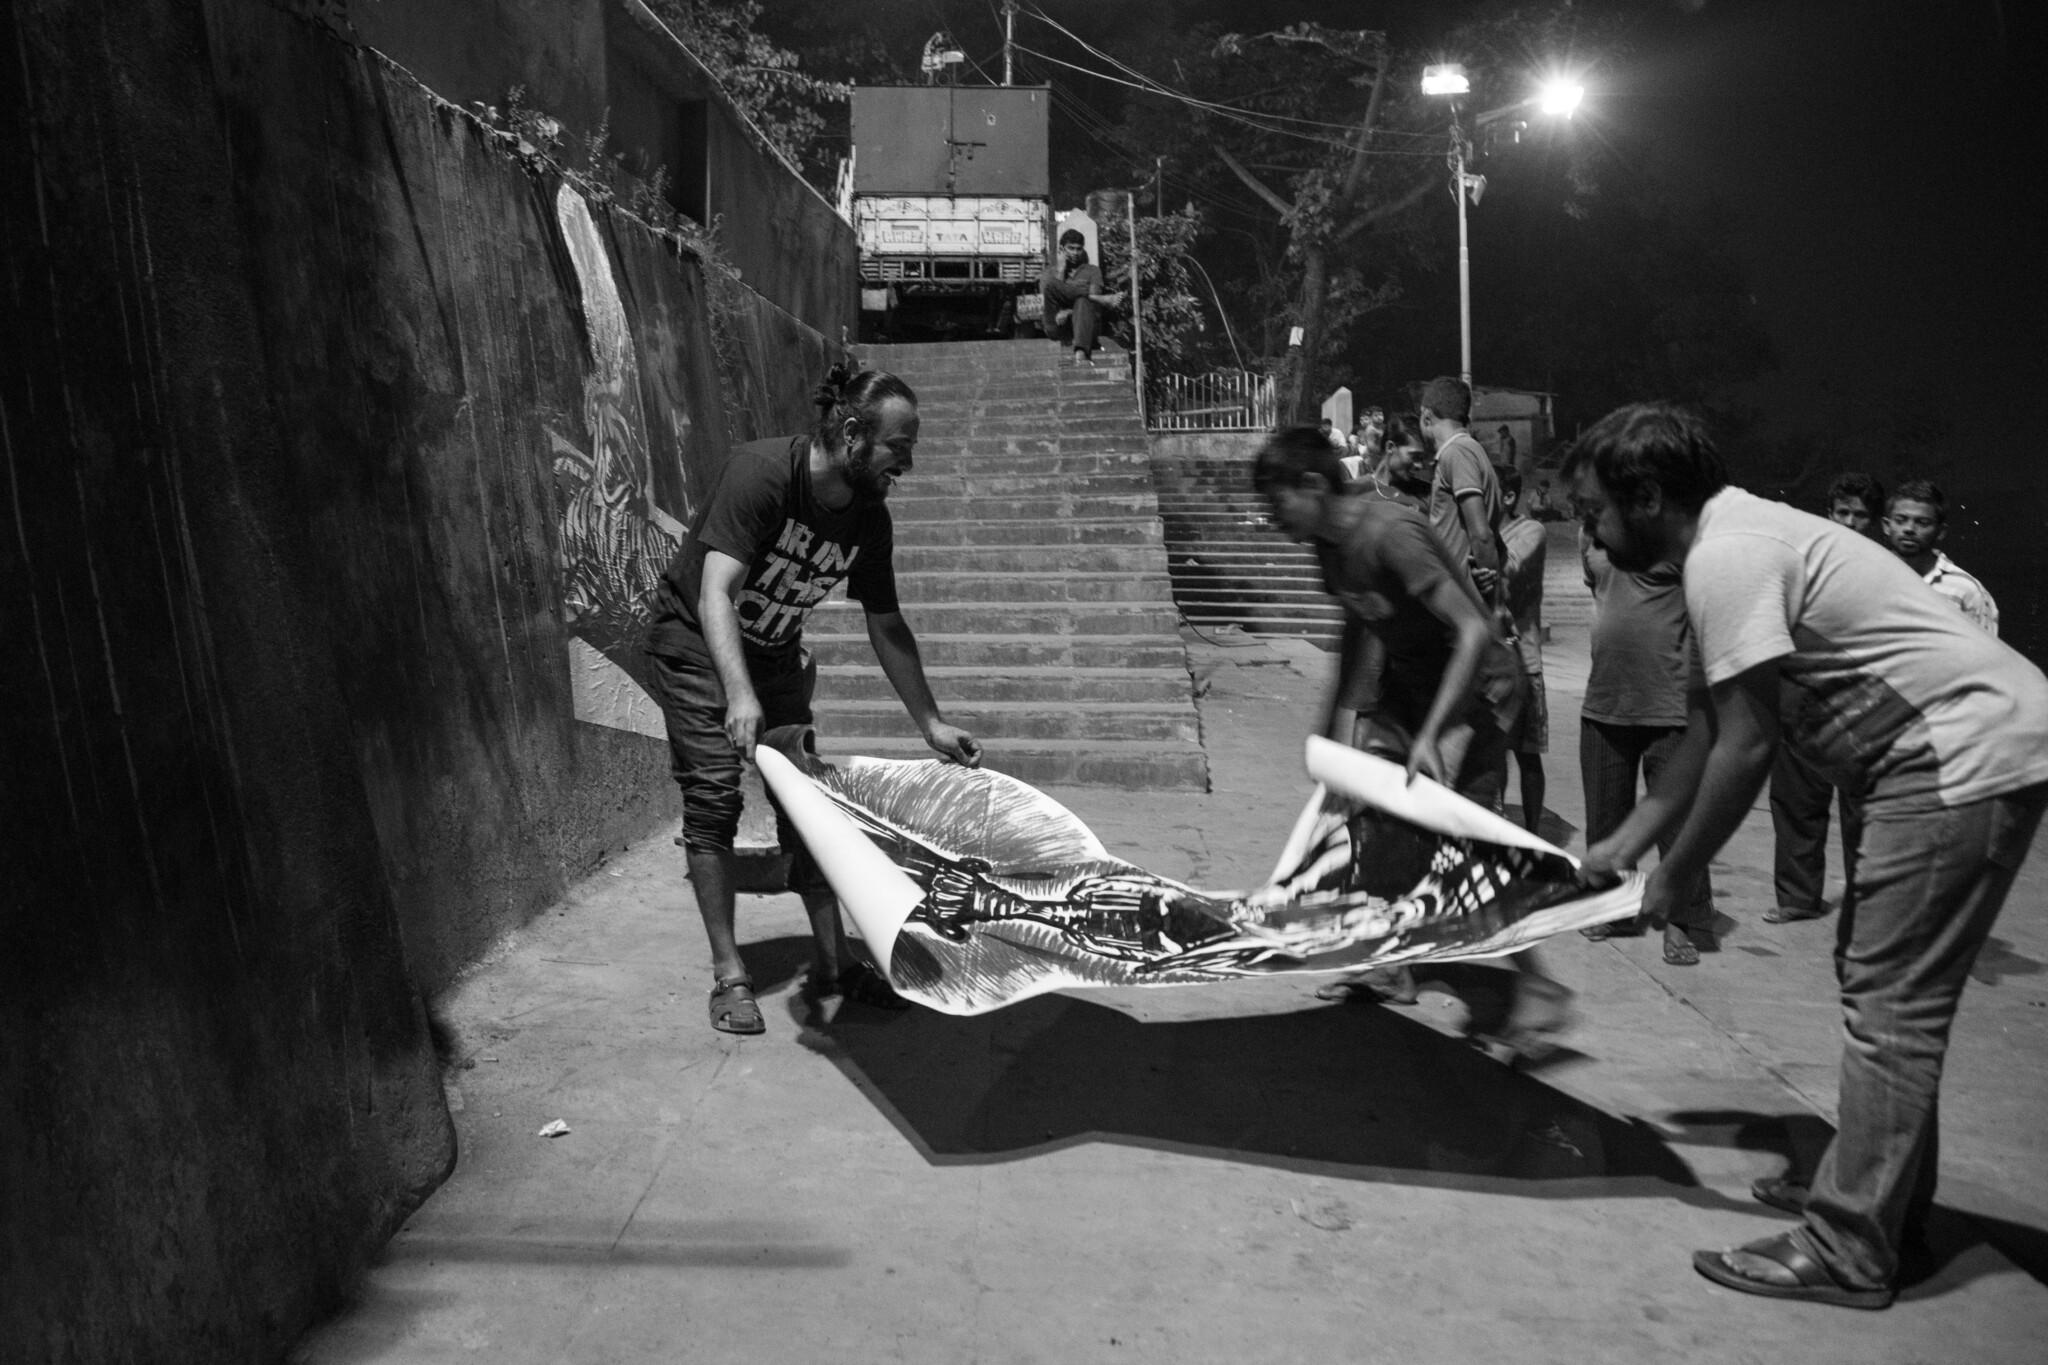 Стрит-арт в Калькутте: «Пассажир» выпускает документалку. Здесь — 1-й тизер